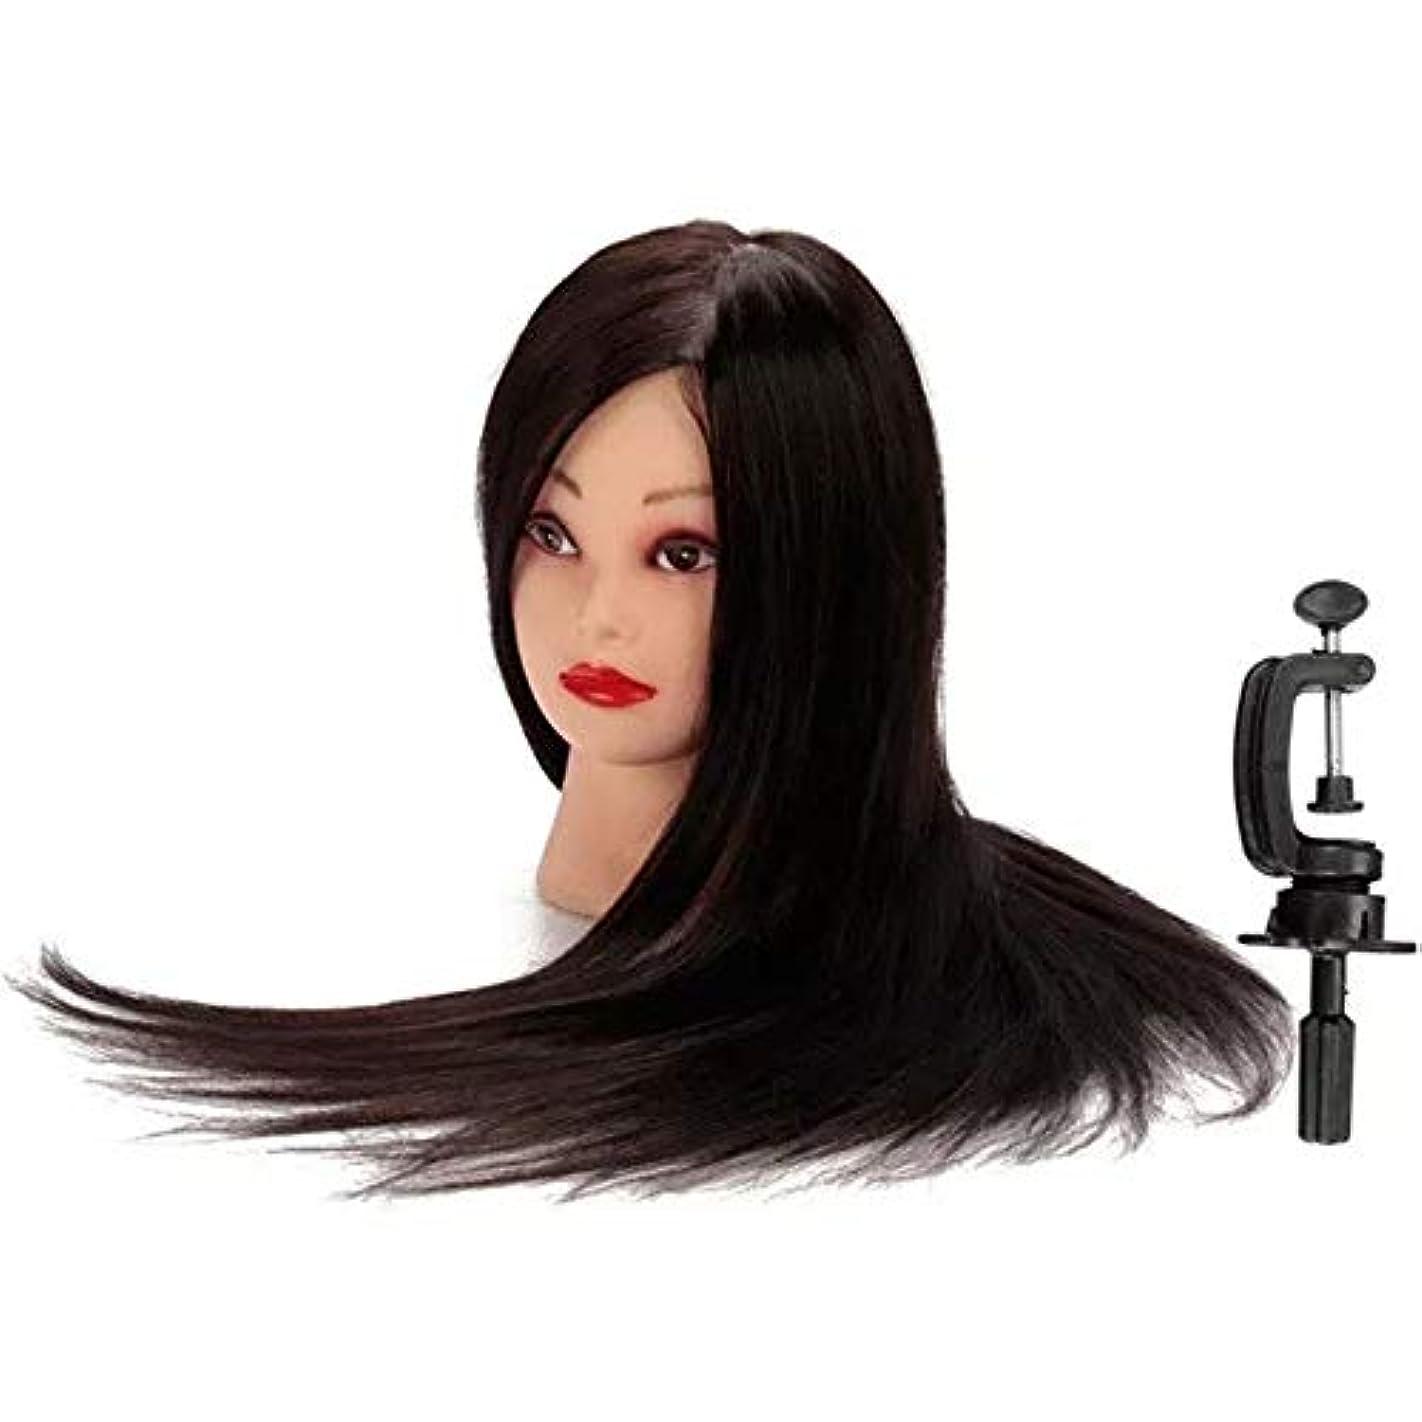 ハンマー略奪カテゴリーウイッグ マネキンヘッド 50%のブラック本物の人間の髪の毛のトレーニング頭部理髪カッティング練習マネキンモデルクランプホルダ 練習用 (色 : ブラック, サイズ : 25*15*11cm)